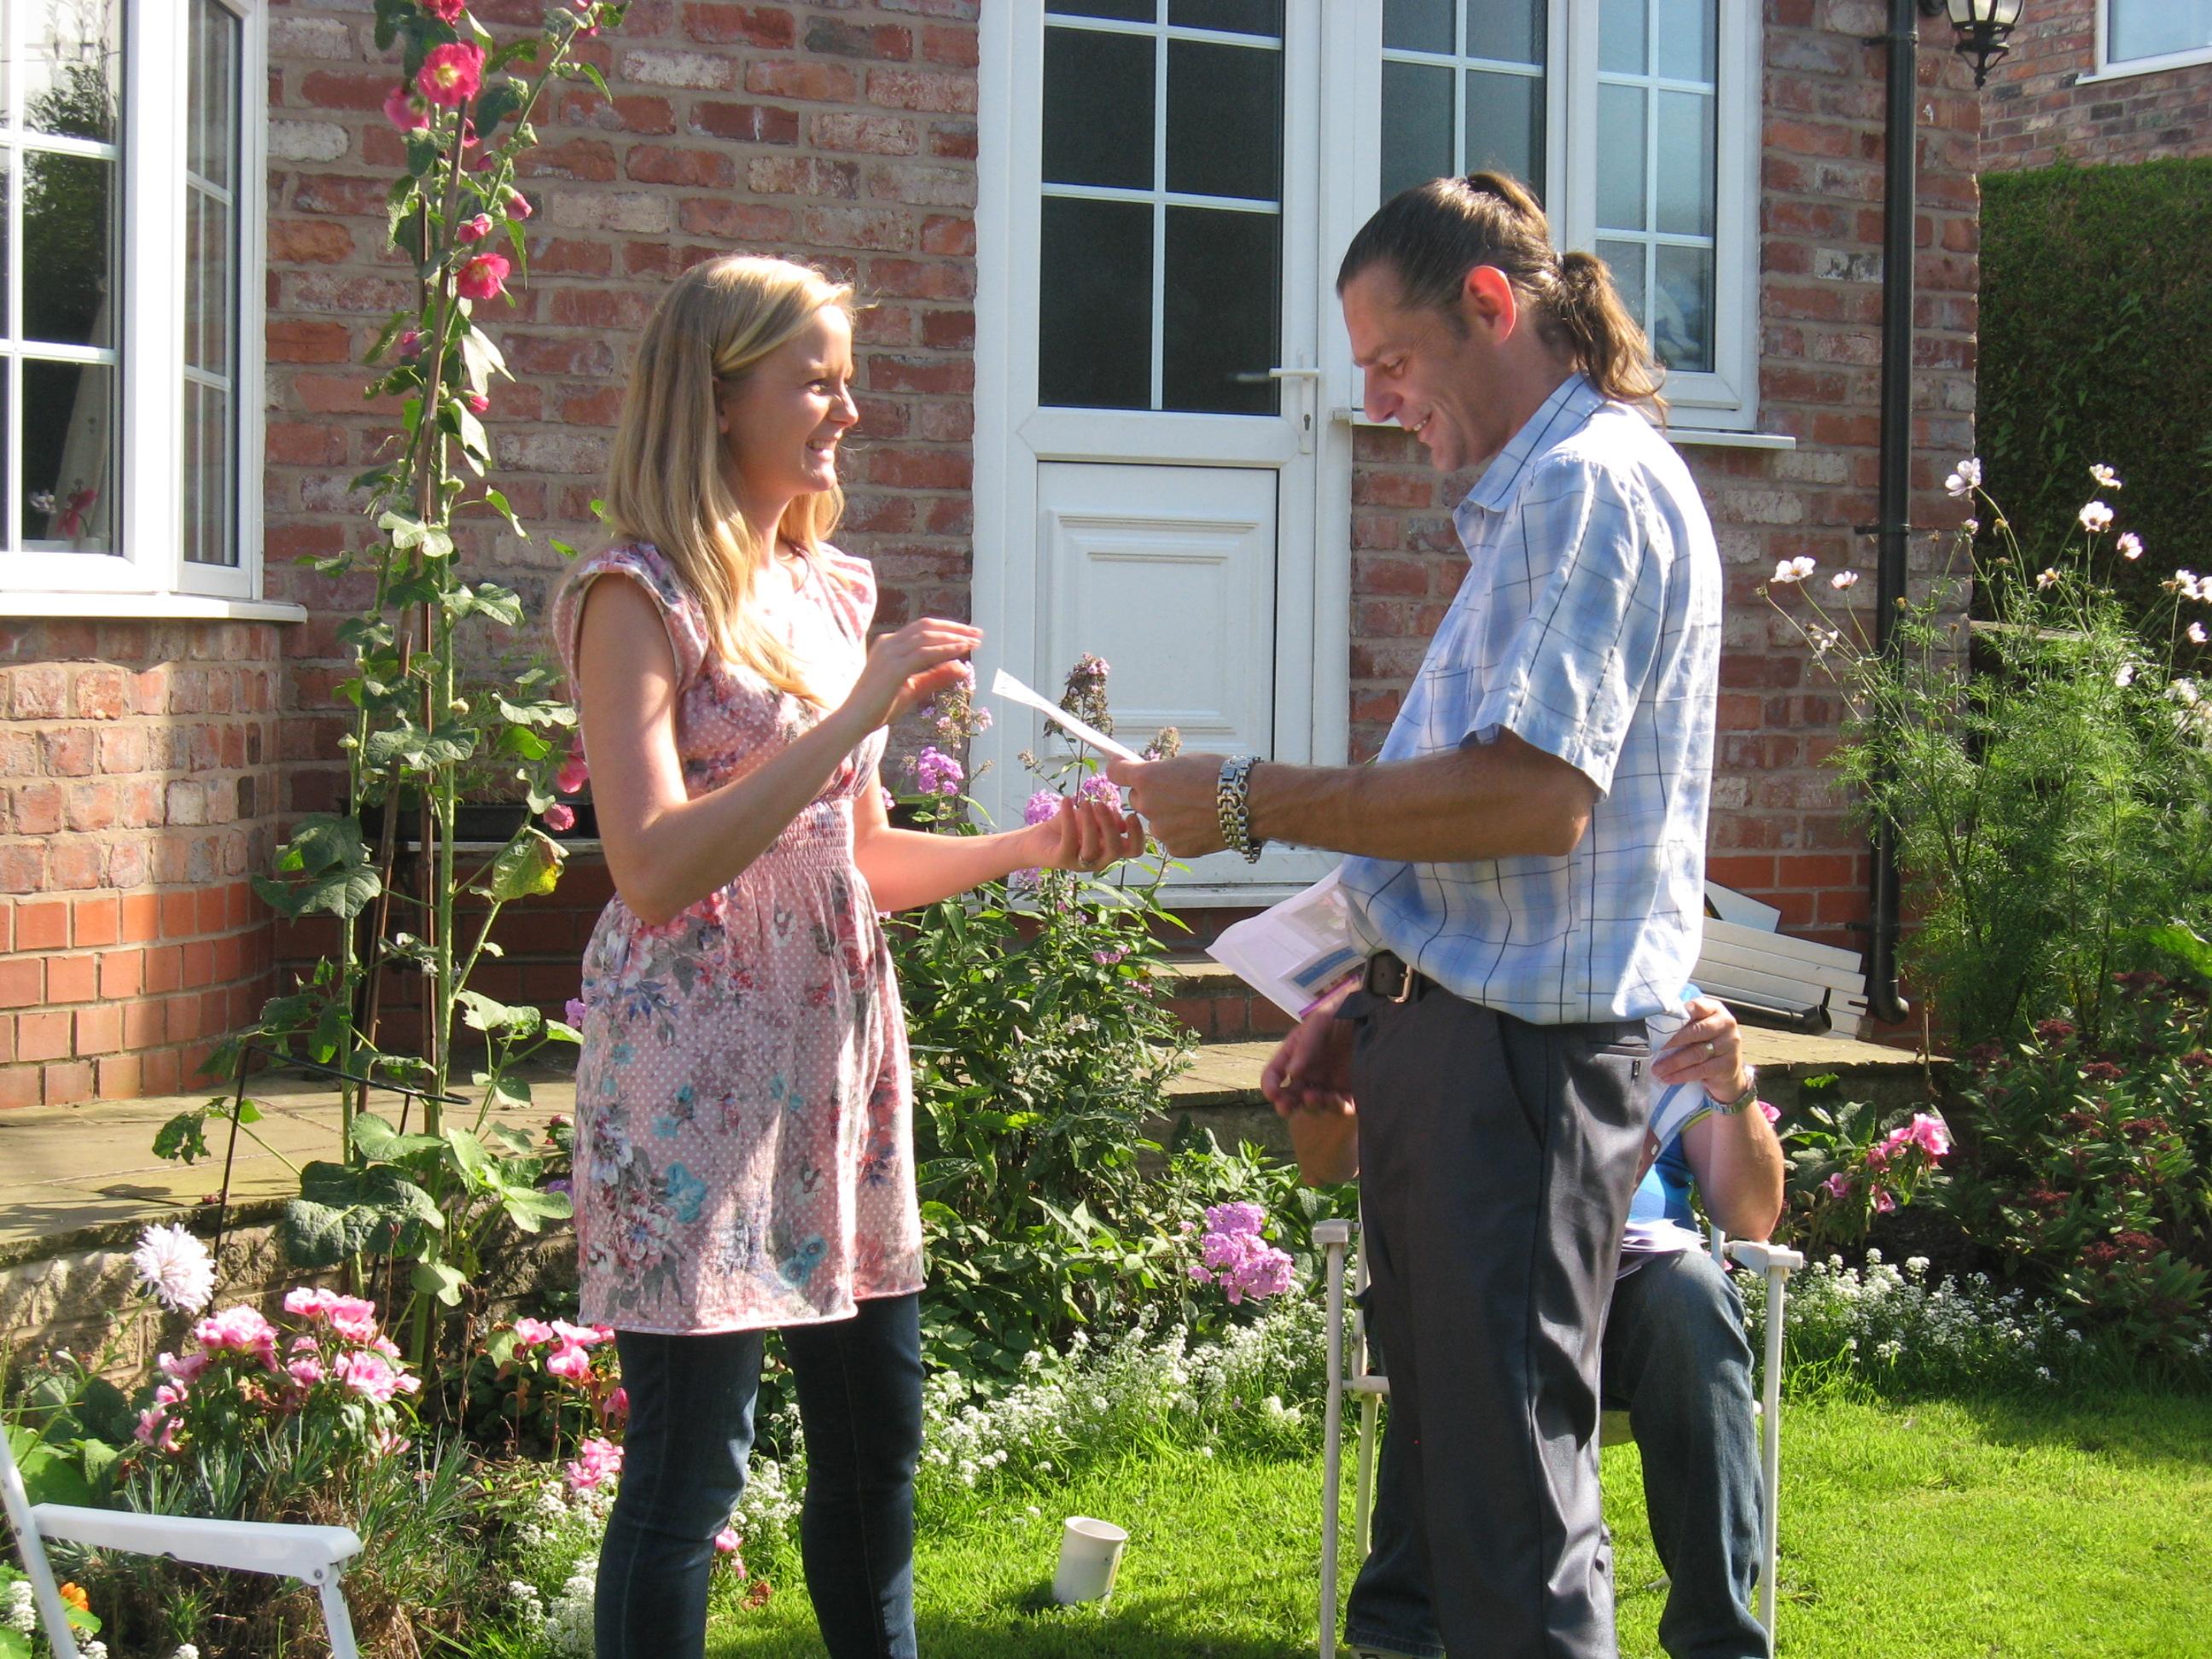 Neil receiving his certificate from Lauren